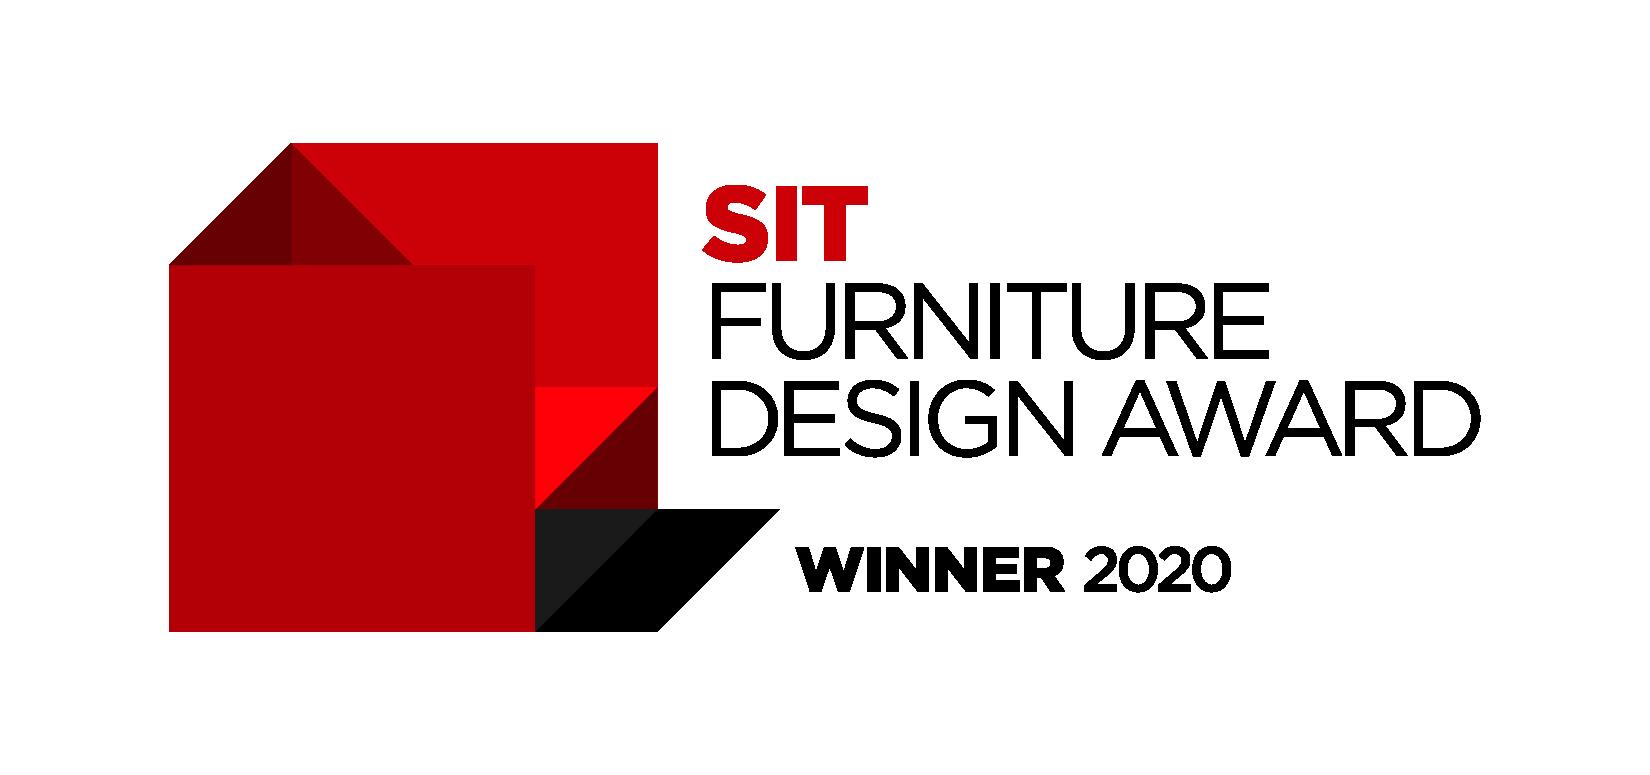 SIT-Furniture-Design-Award-2020_Seal